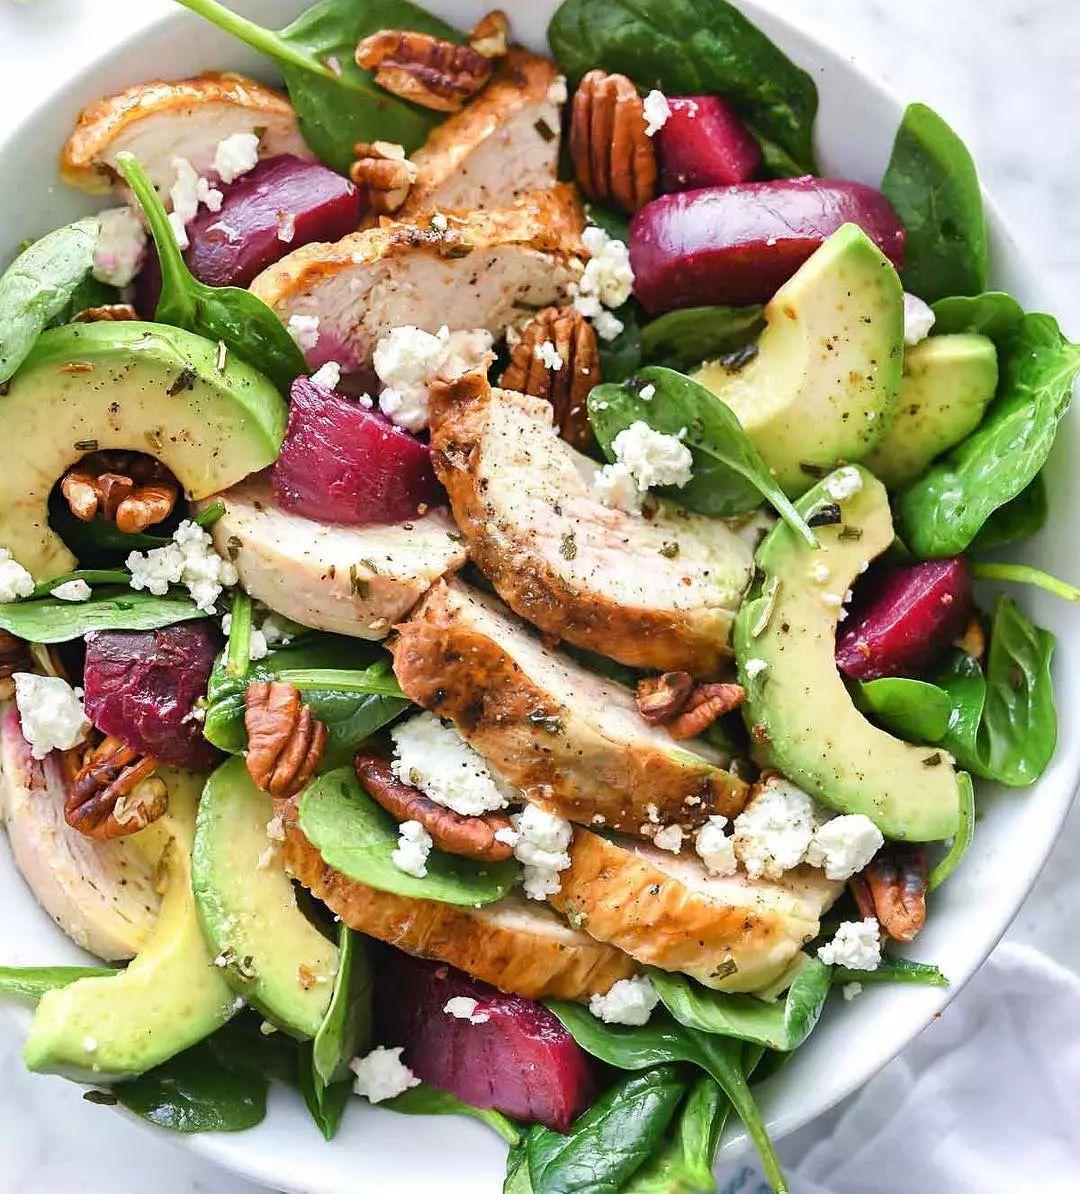 当减肥遇到饭局,这样做让你可以放心吃!